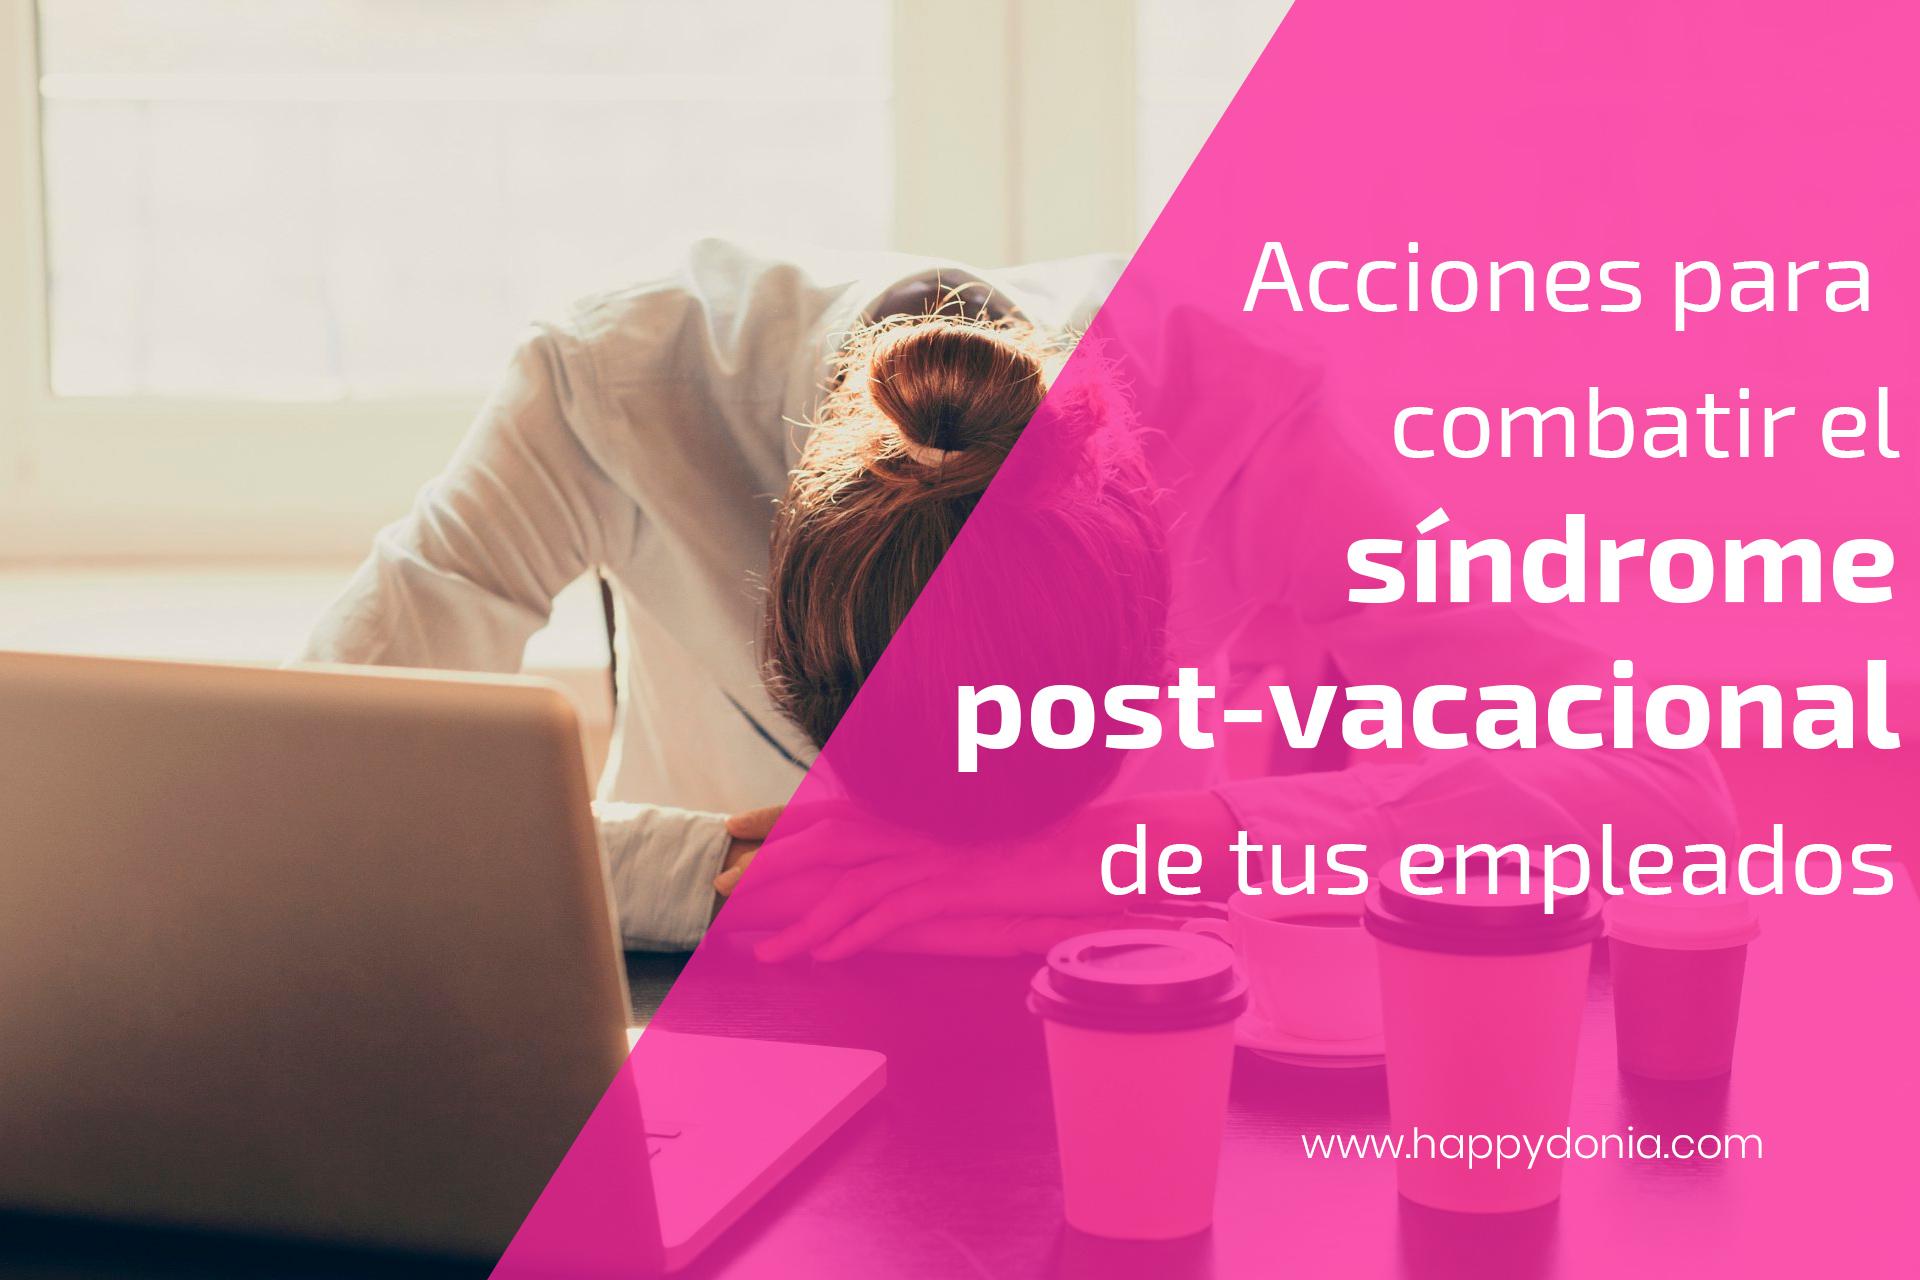 Acciones para combatir el síndrome post-vacacional de tus empleados a través de herramientas de comunicación interna como Happÿdonia